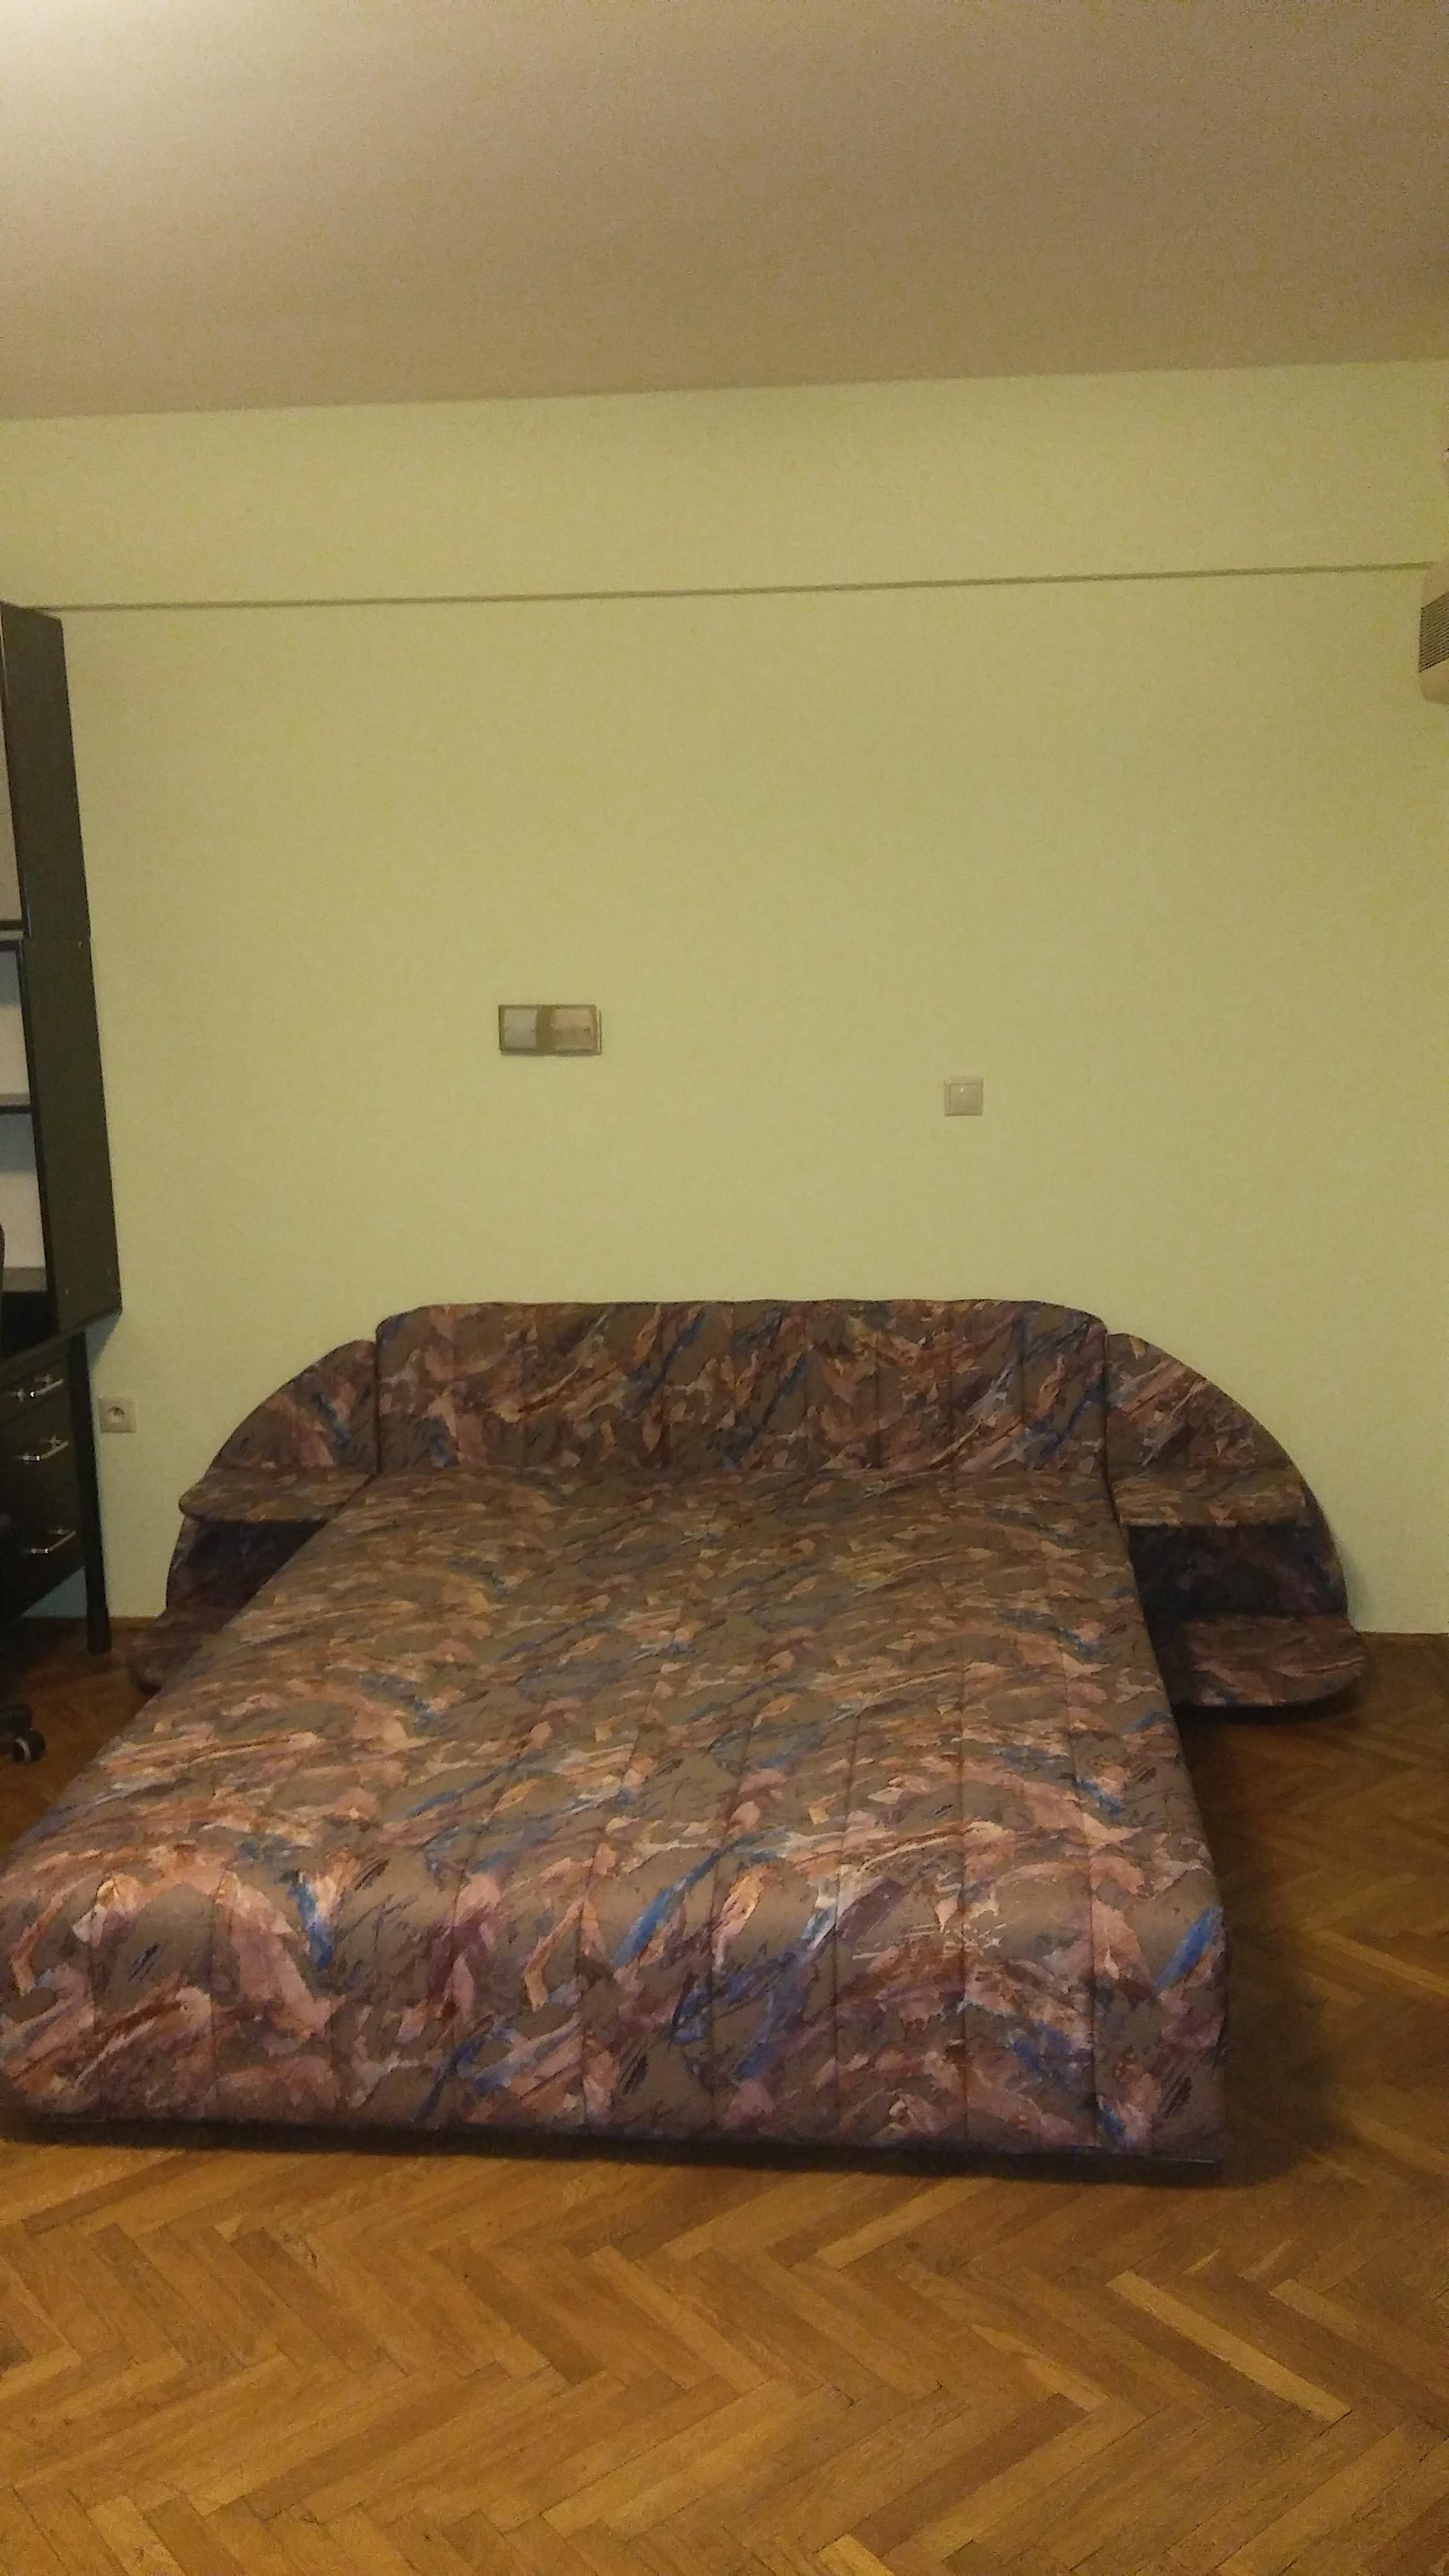 Prenajaté: Na prenájom exkluzívne 2 izb. byt, Staré mesto, Šancová ulica, Bratislava, 75m2, kompletne zariadený-16